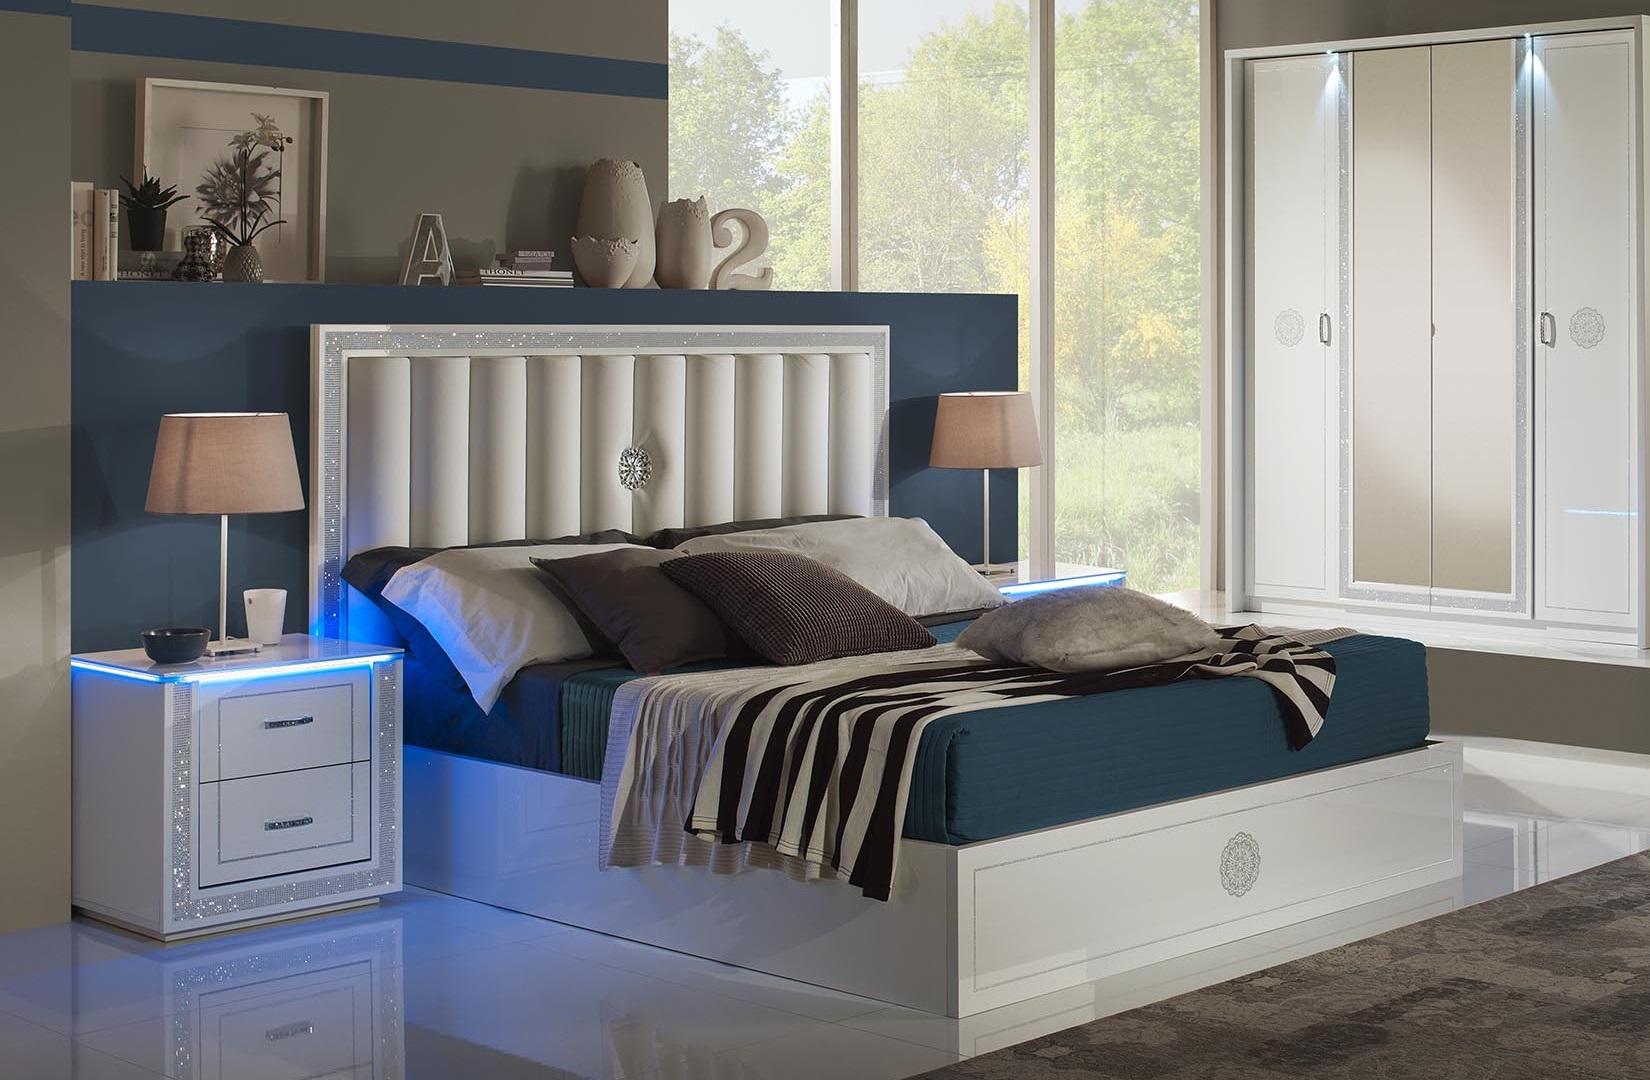 Bett weiss modern  Schönes Bett , Modernes Bett , Elegantes Bett